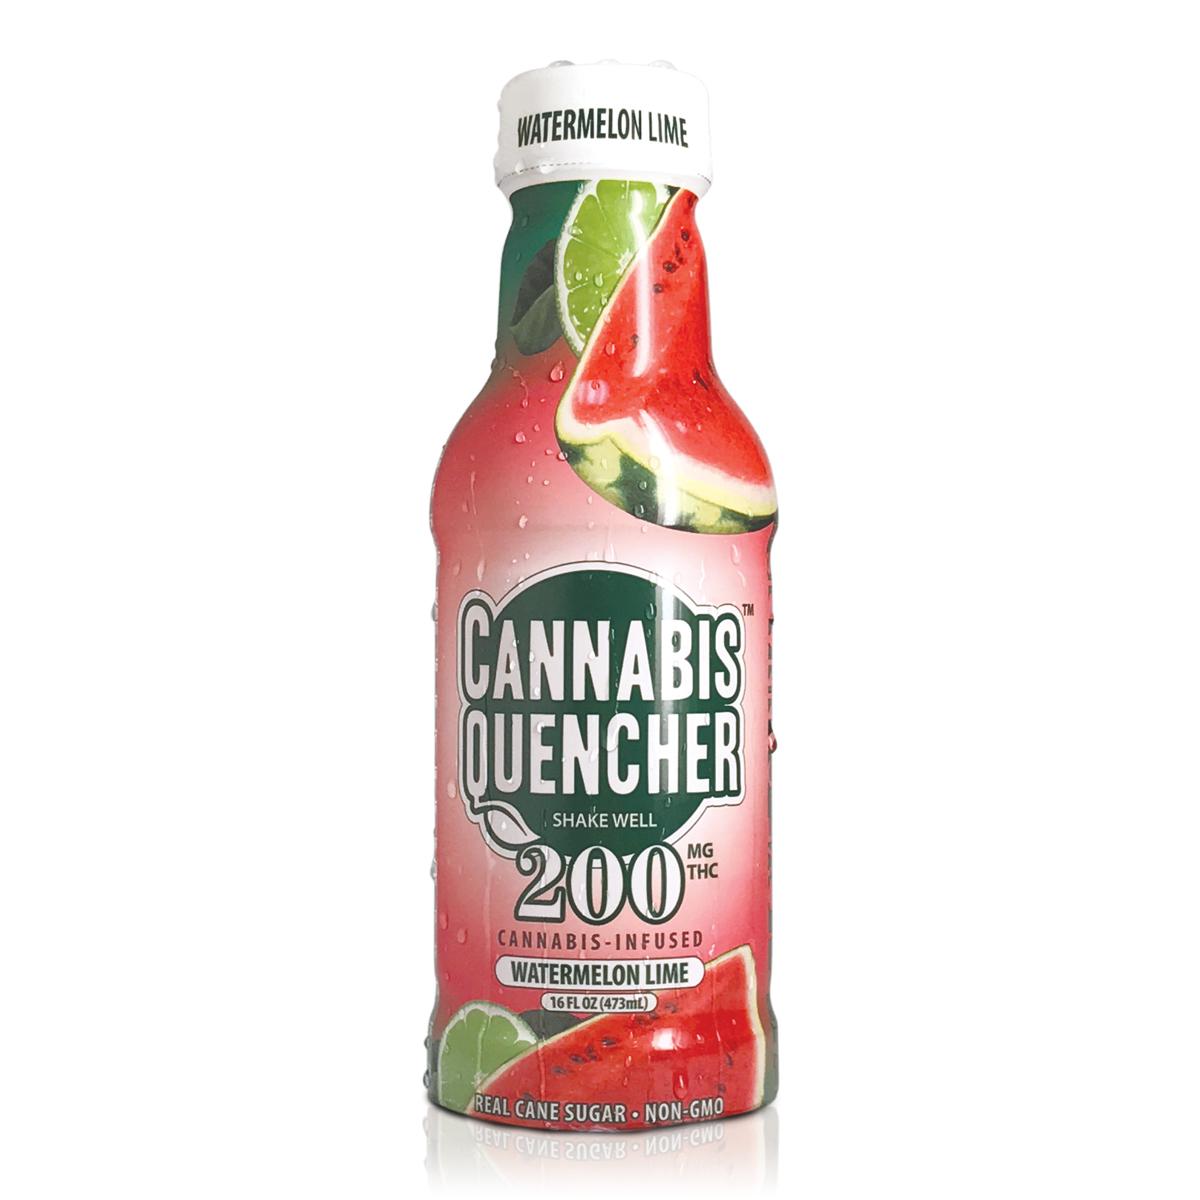 Watermelon Lime Cannabis Quencher